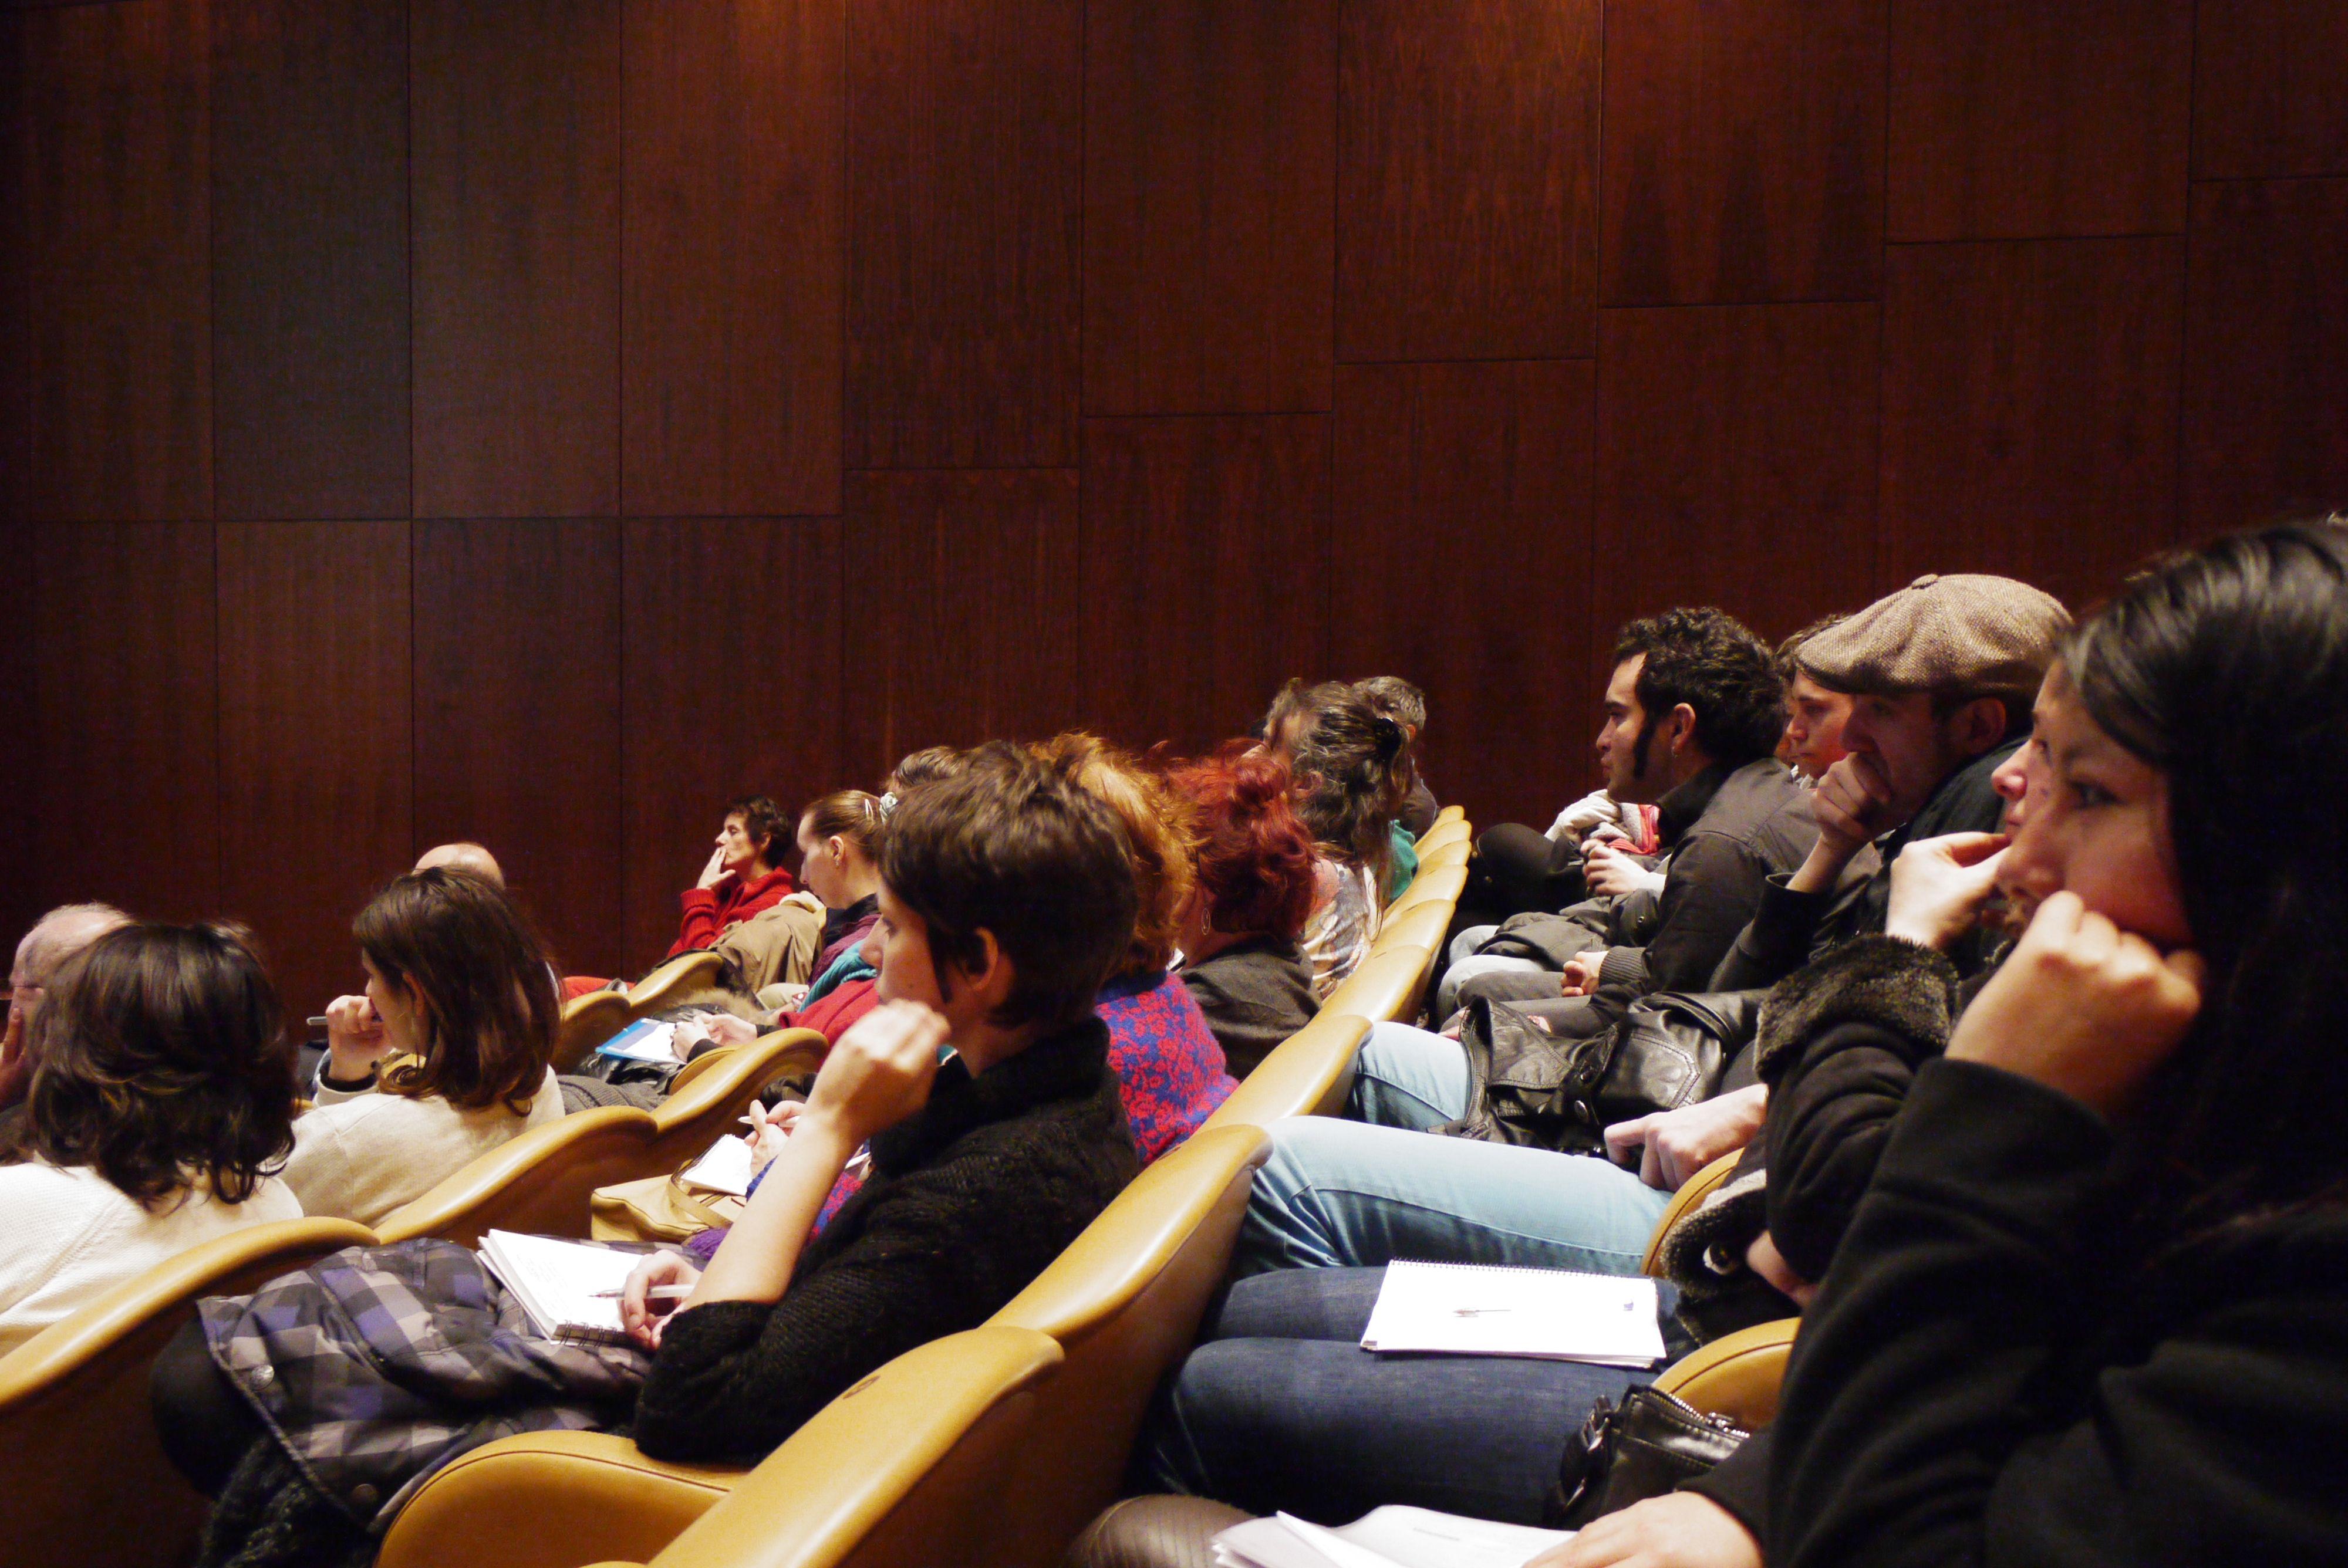 II jornadas juventud, inclusión y Museos con estudiantes de los módulos de integración social y animación socio cultural del IES Barrio Bilbao y Las Rosas con profesionales y usuarios de recursos del ámbito sociosanitario con los que trabajamos habitualmente en el Museo.